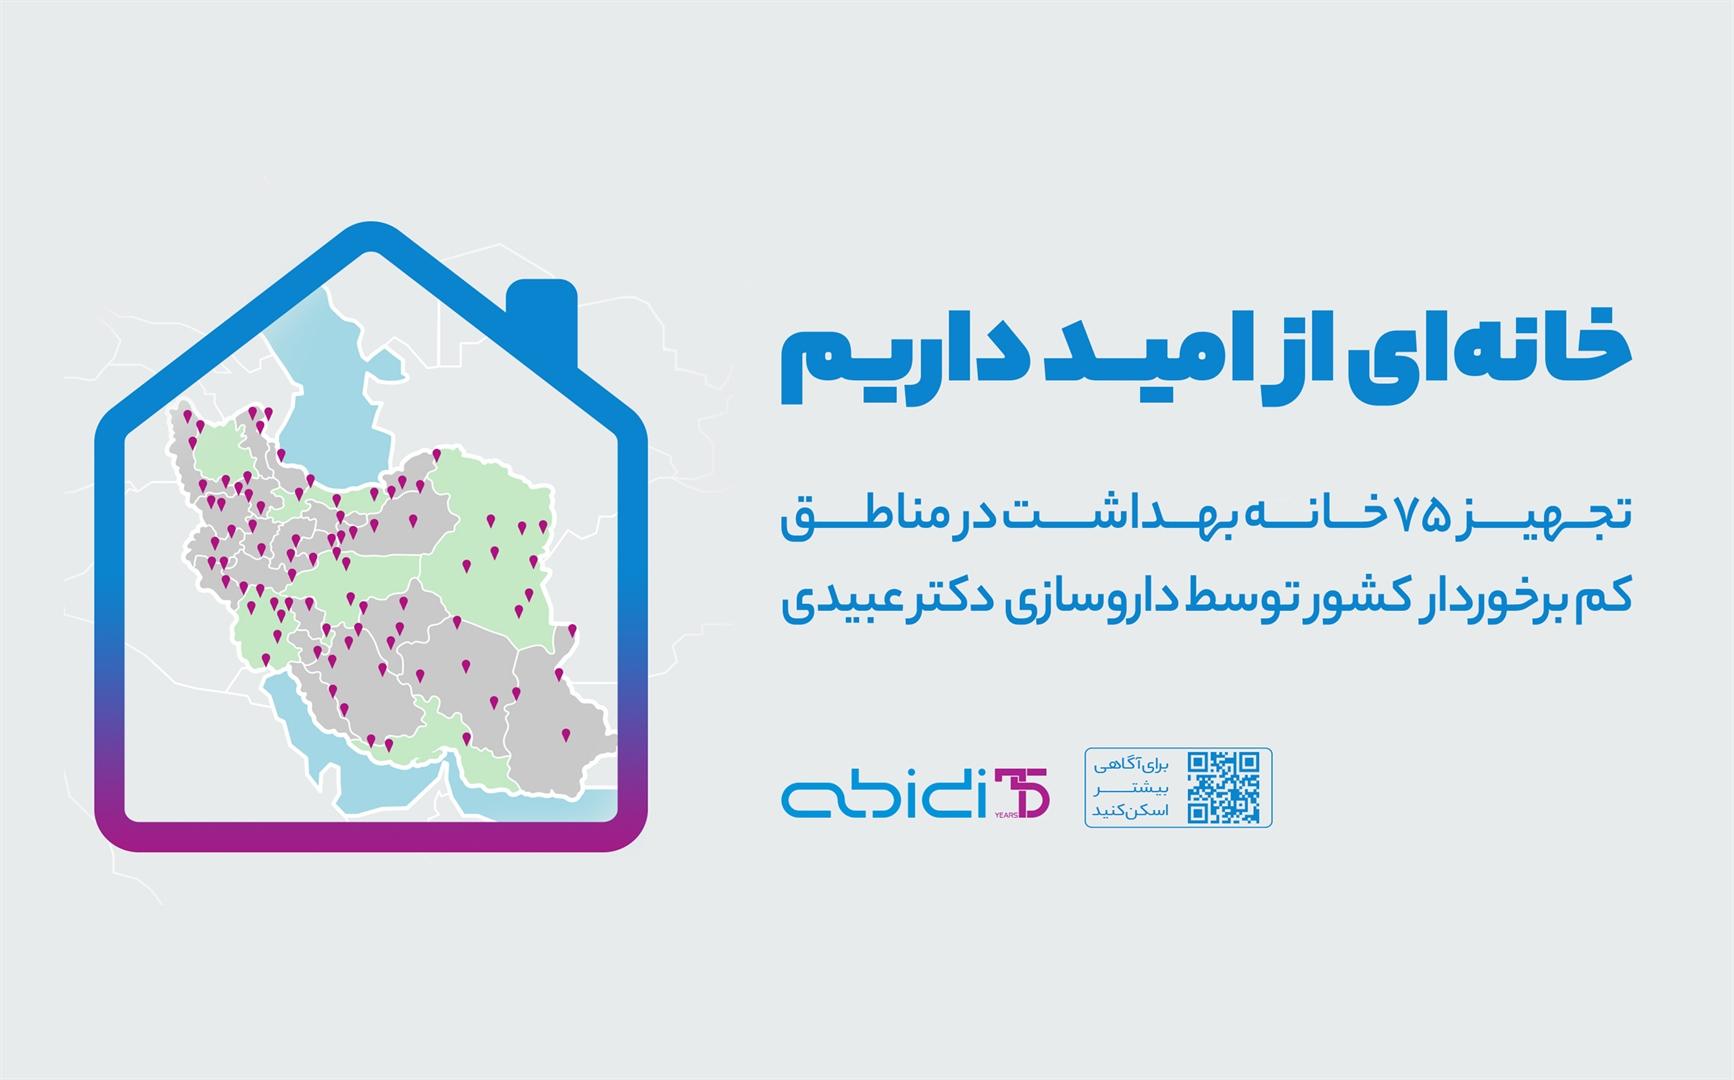 تجهیز 75 خانه بهداشت در نقاط کم برخوردار سراسر کشور